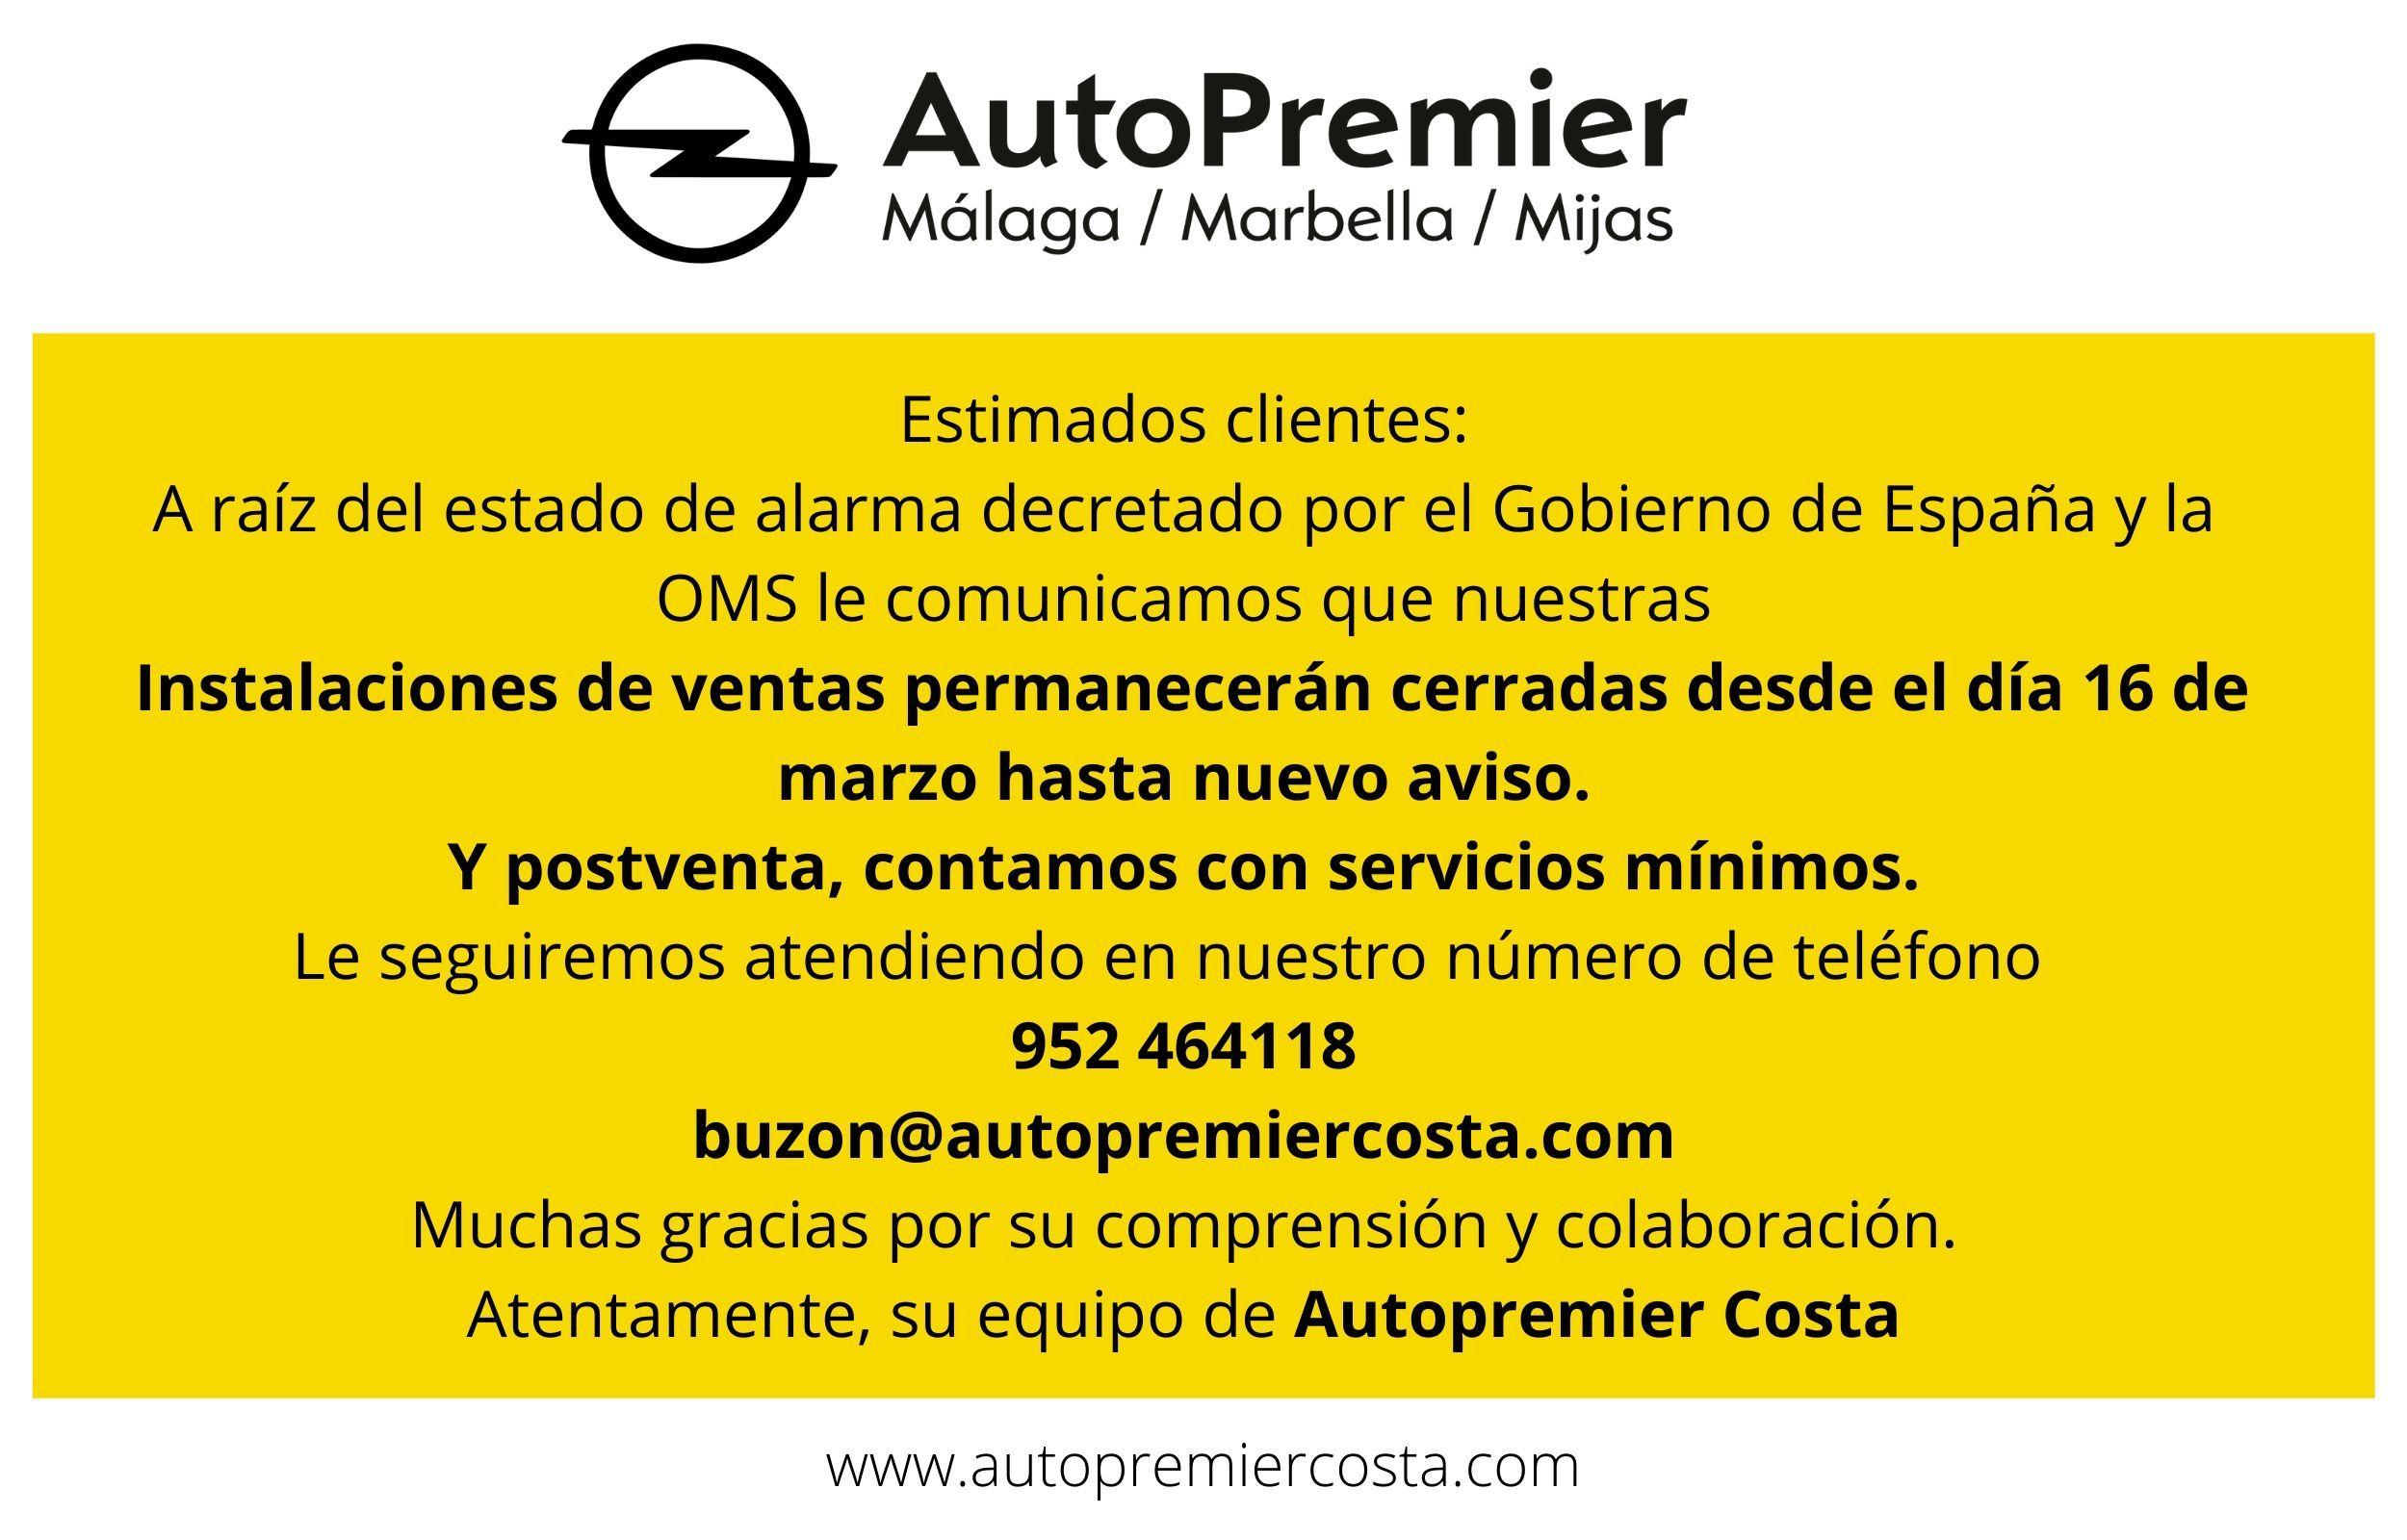 #mequedoencasa pero en AutoPremier ¡NO PARAMOS!